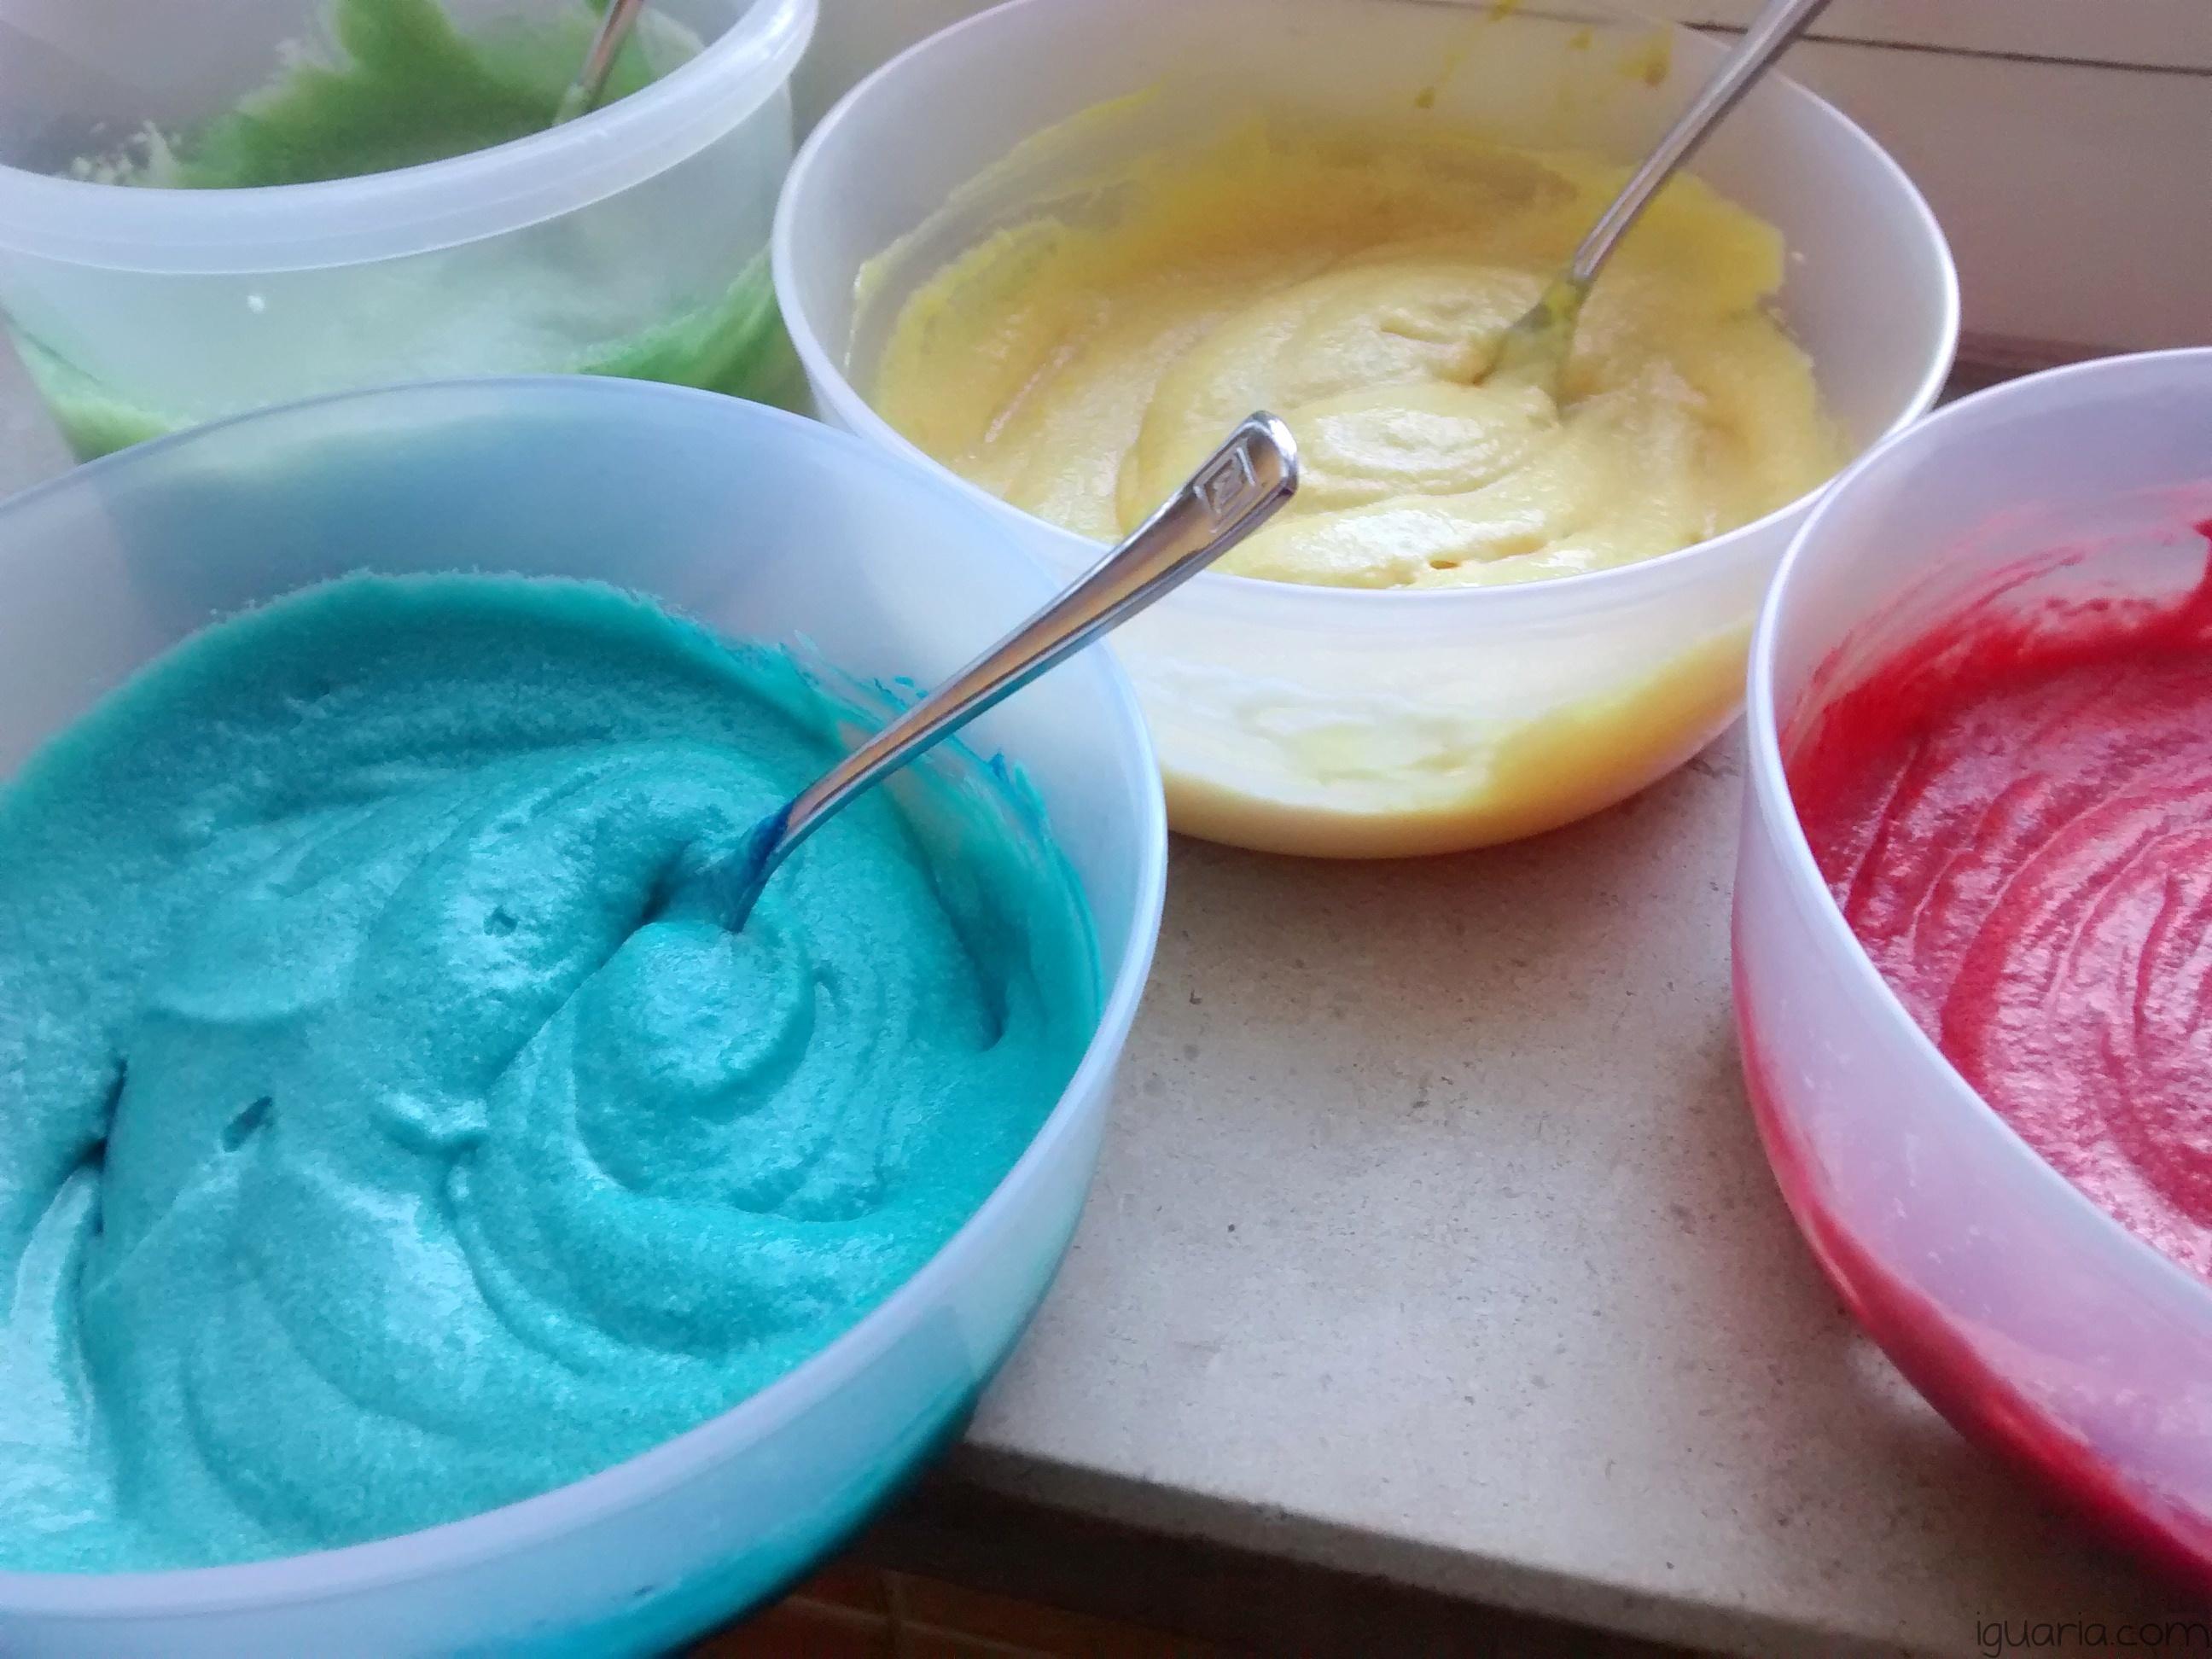 iguaria-massas-coloridas-para-bolo